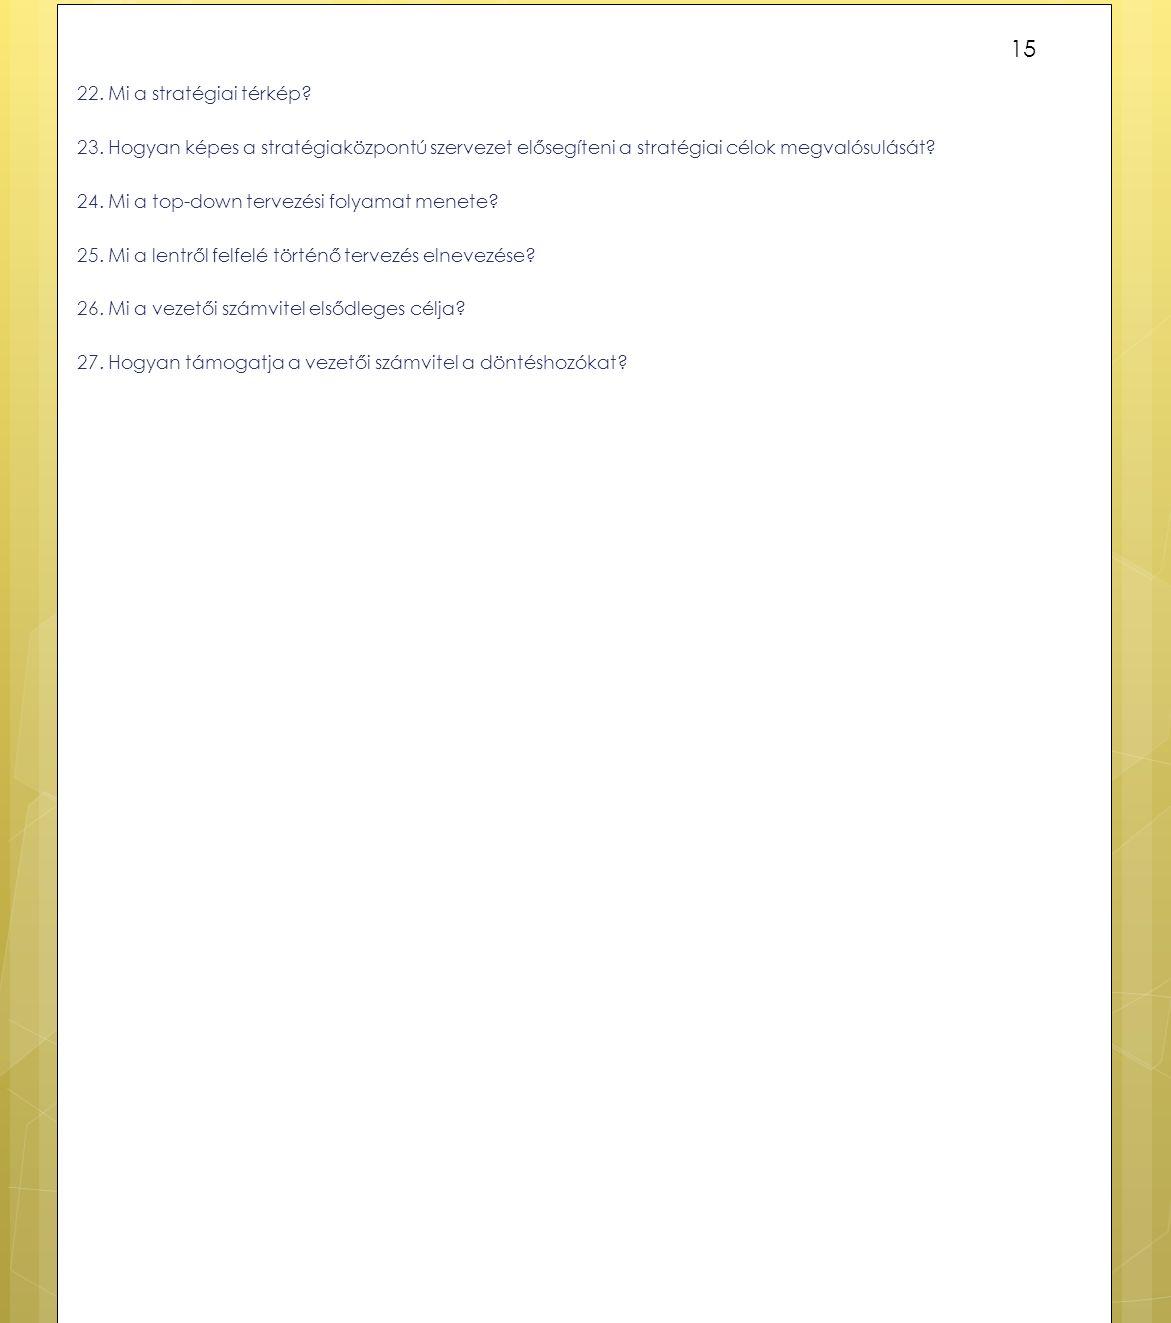 22. Mi a stratégiai térkép? 23. Hogyan képes a stratégiaközpontú szervezet elősegíteni a stratégiai célok megvalósulását? 24. Mi a top-down tervezési